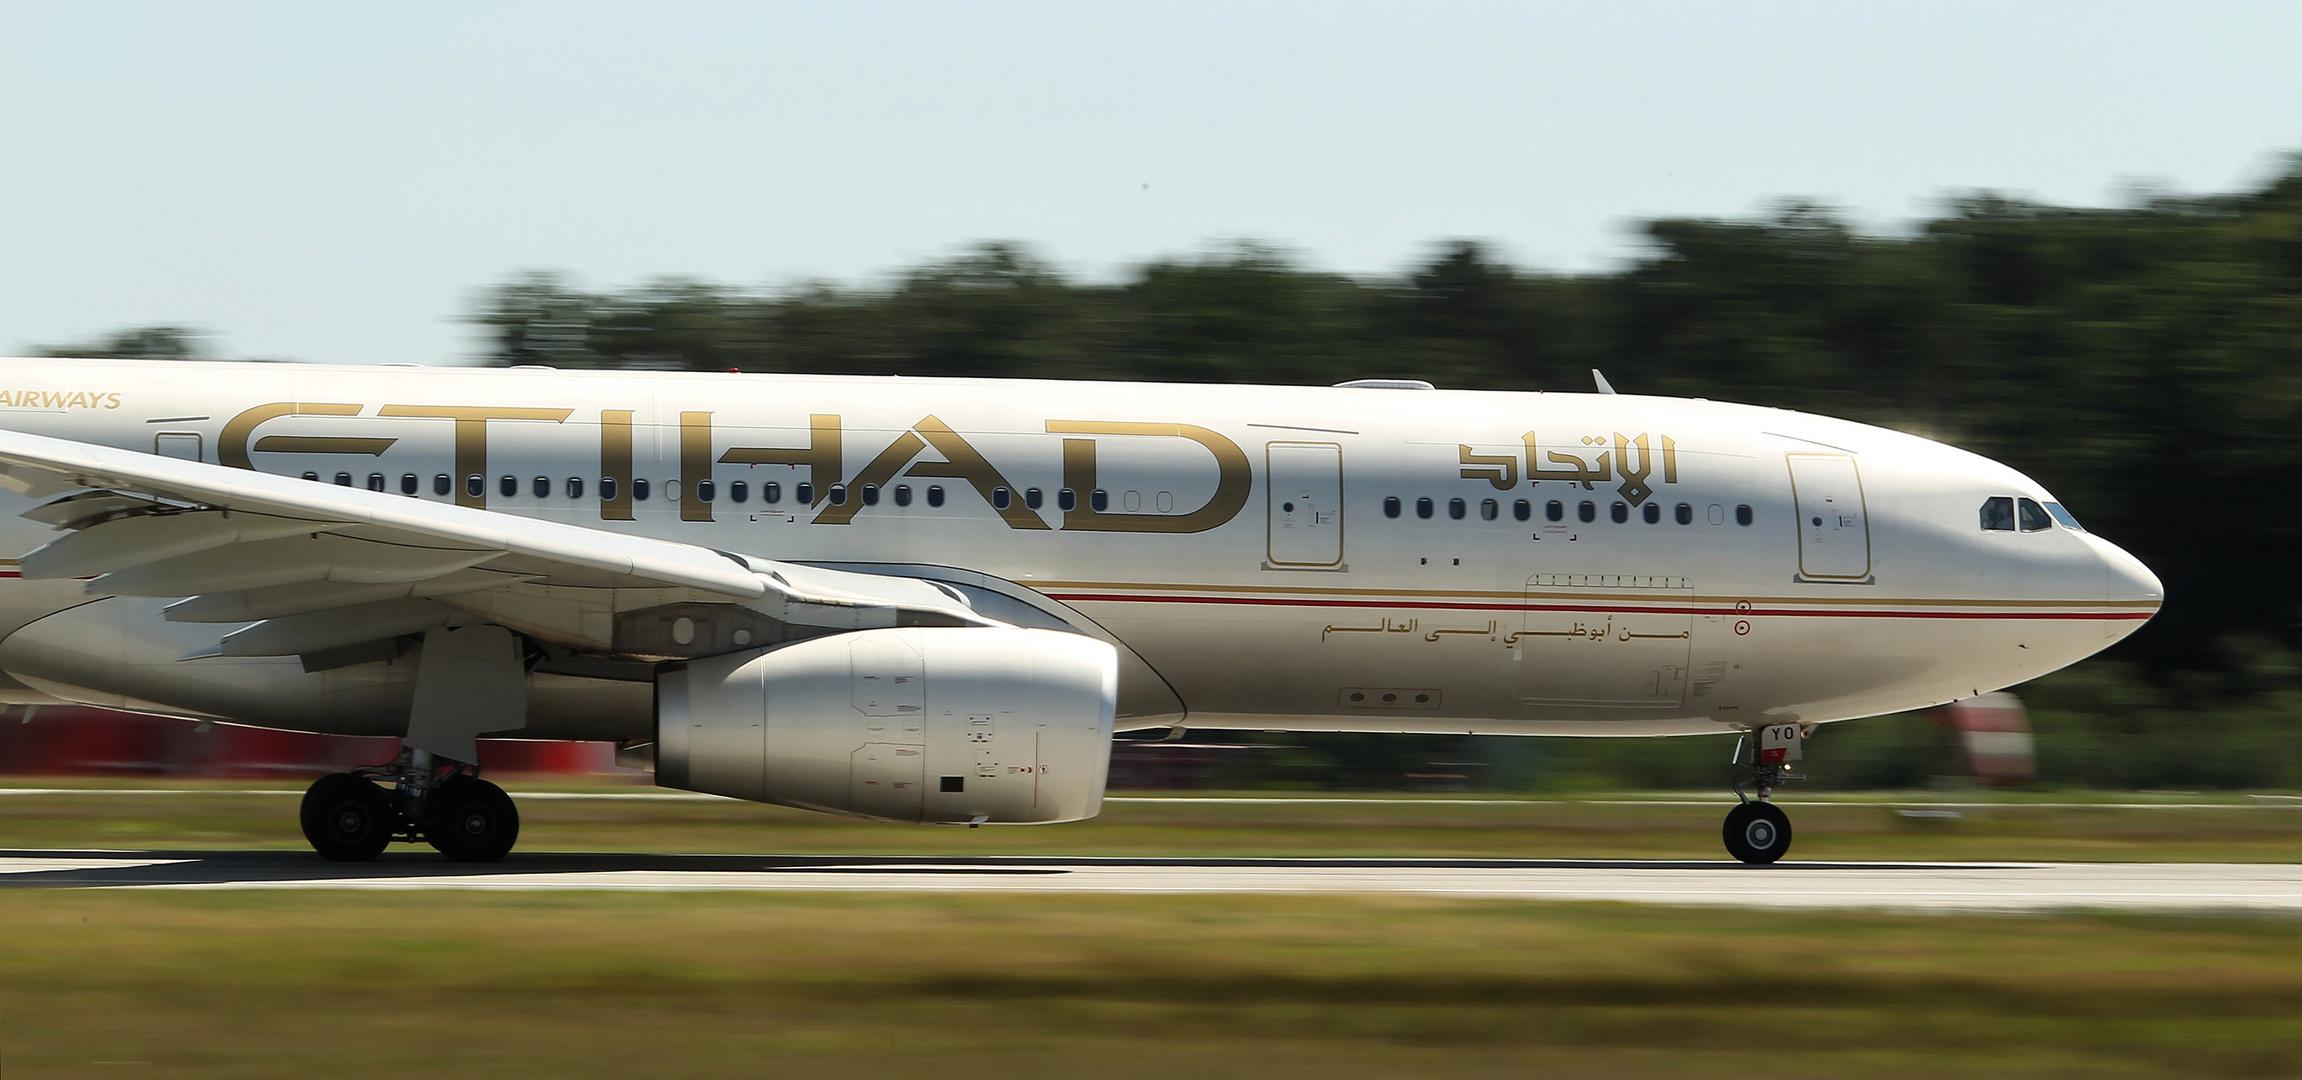 The Speed of ETIHAD 2